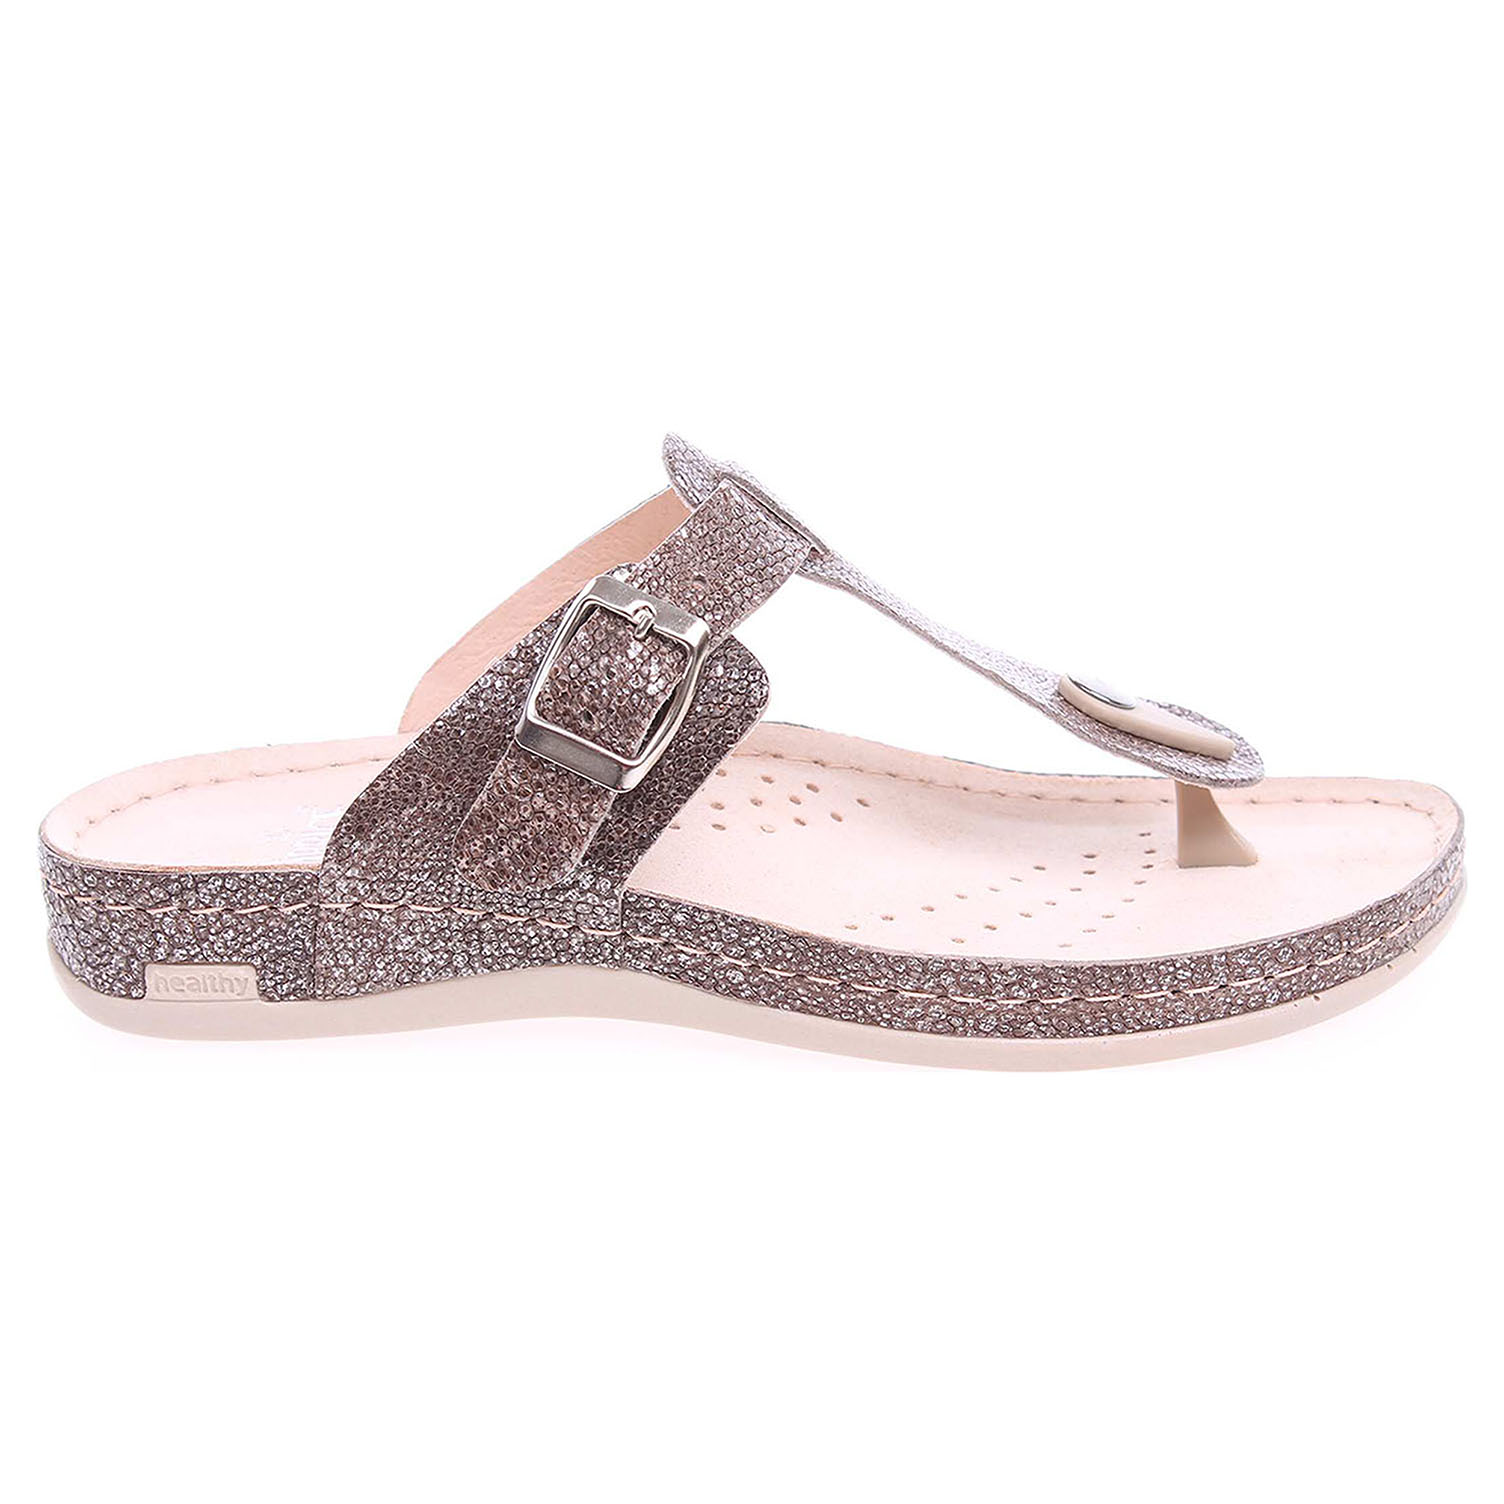 Ecco Caprice dámské pantofle 9-27103-26 hnědé 23600703